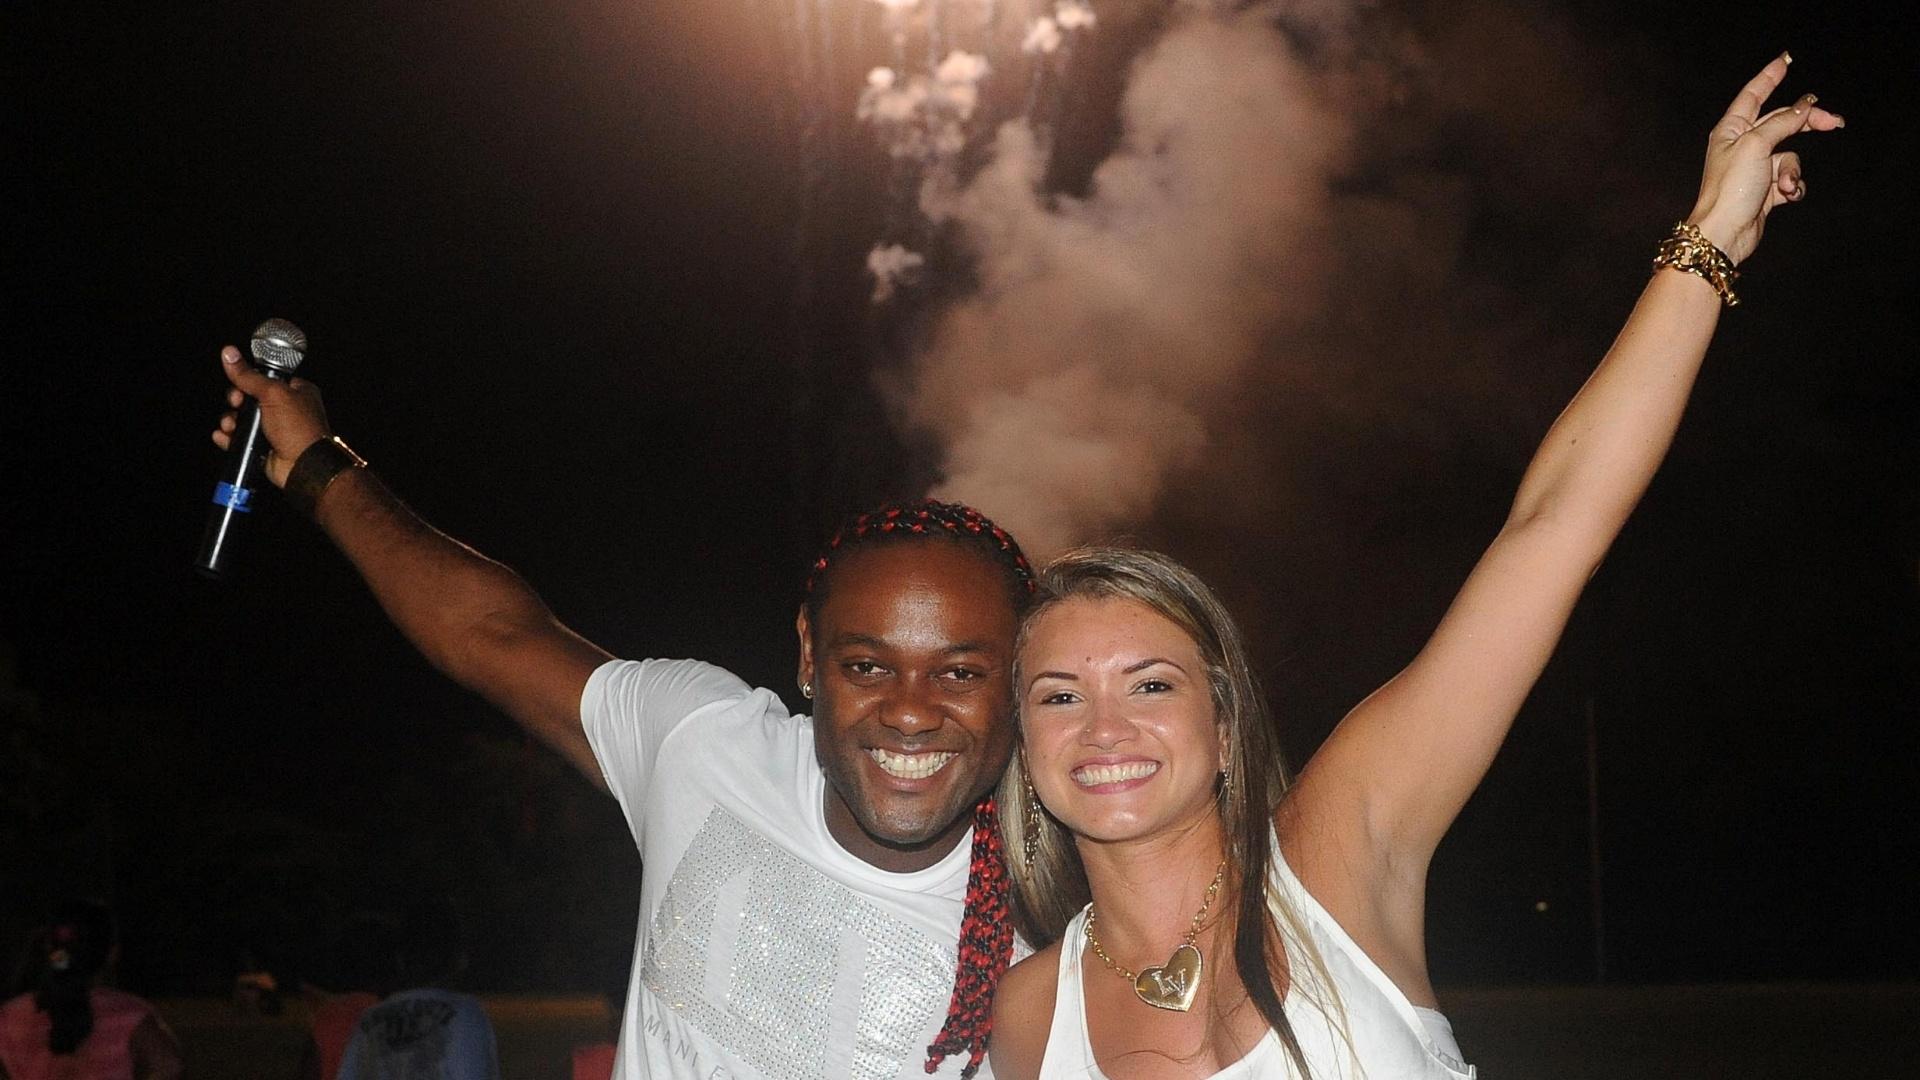 Vagner Love, atacante do Flamengo, comemora a chegada de 2013 com a noiva (01/01/2013)